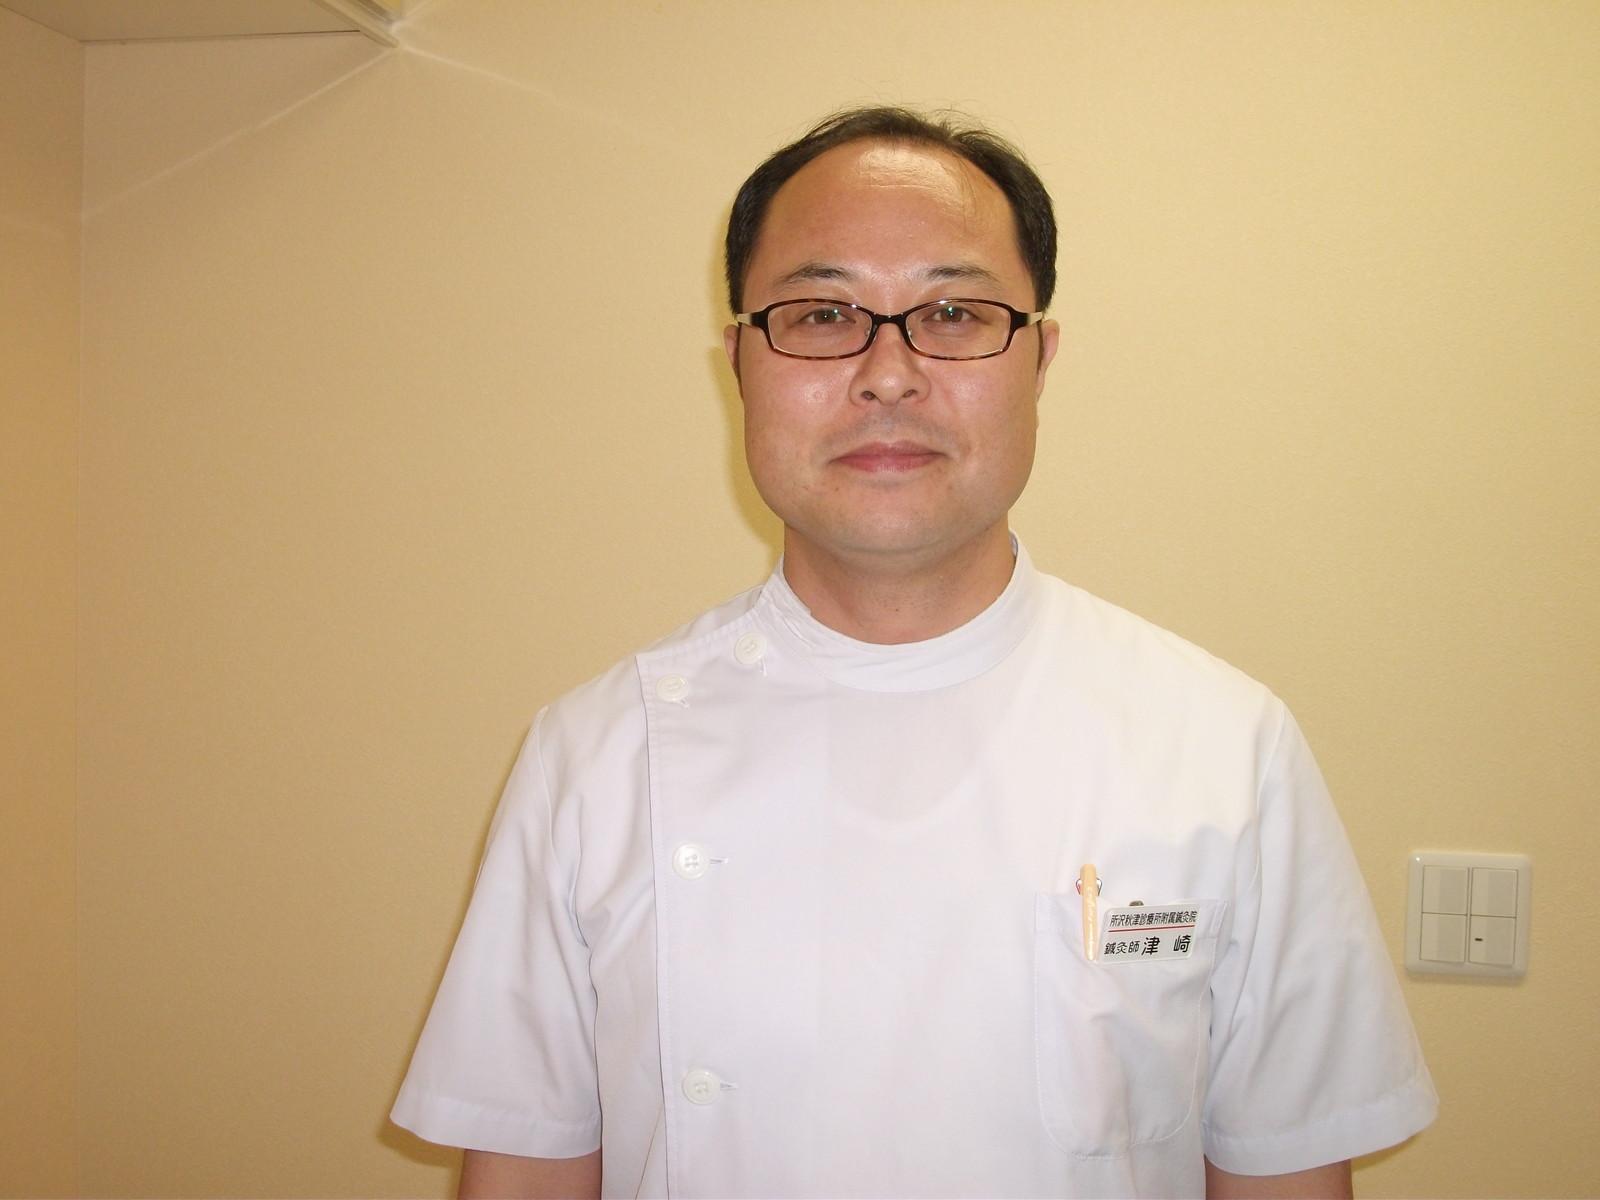 所沢秋津鍼灸院